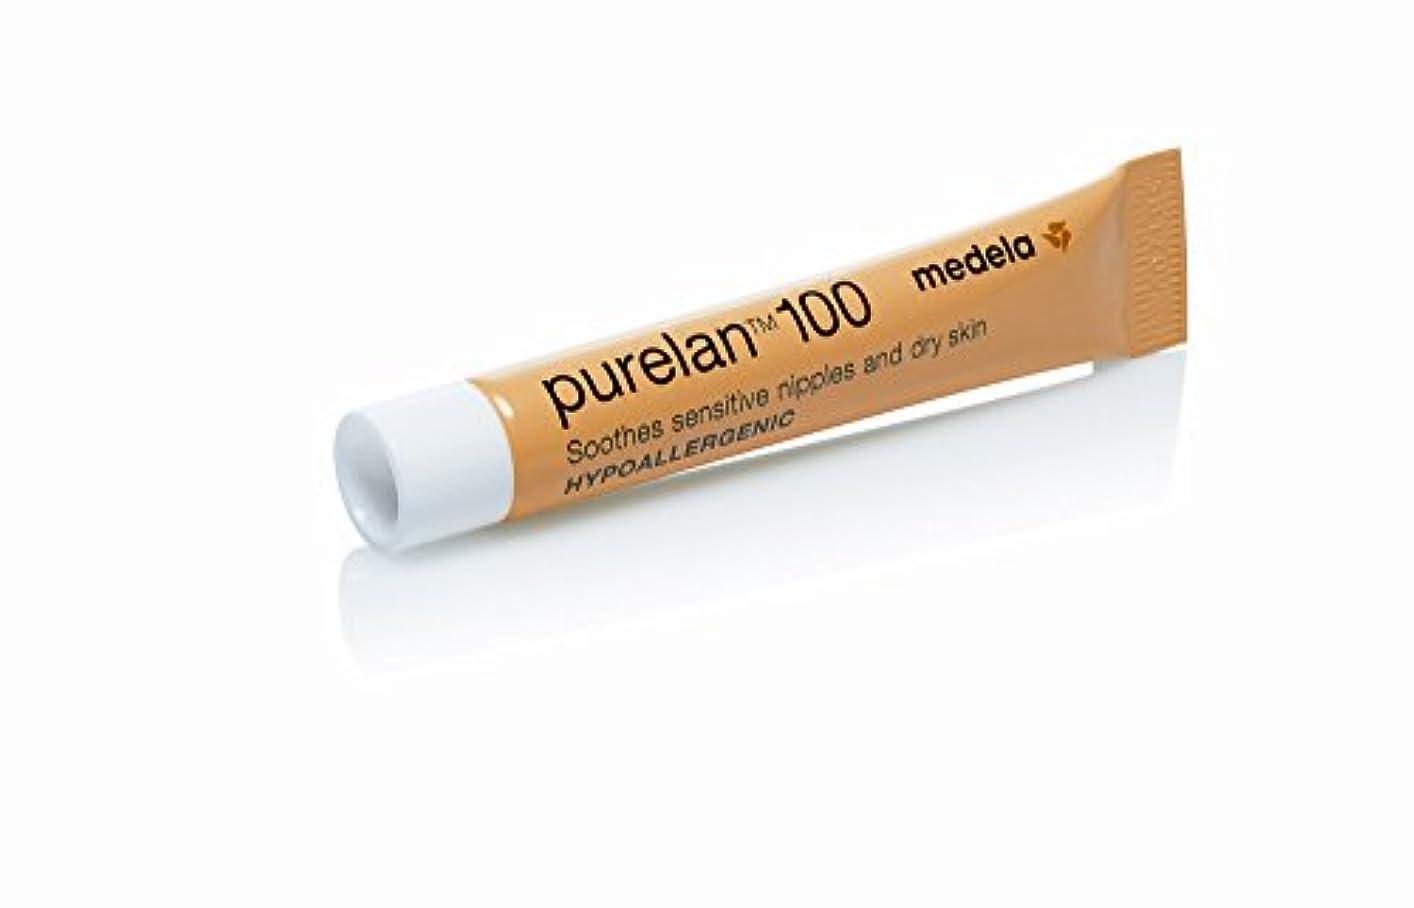 メール離婚赤道Medela メデラ 乳頭保護クリーム ピュアレーン100 7g 天然ラノリン 100% (008.0018)